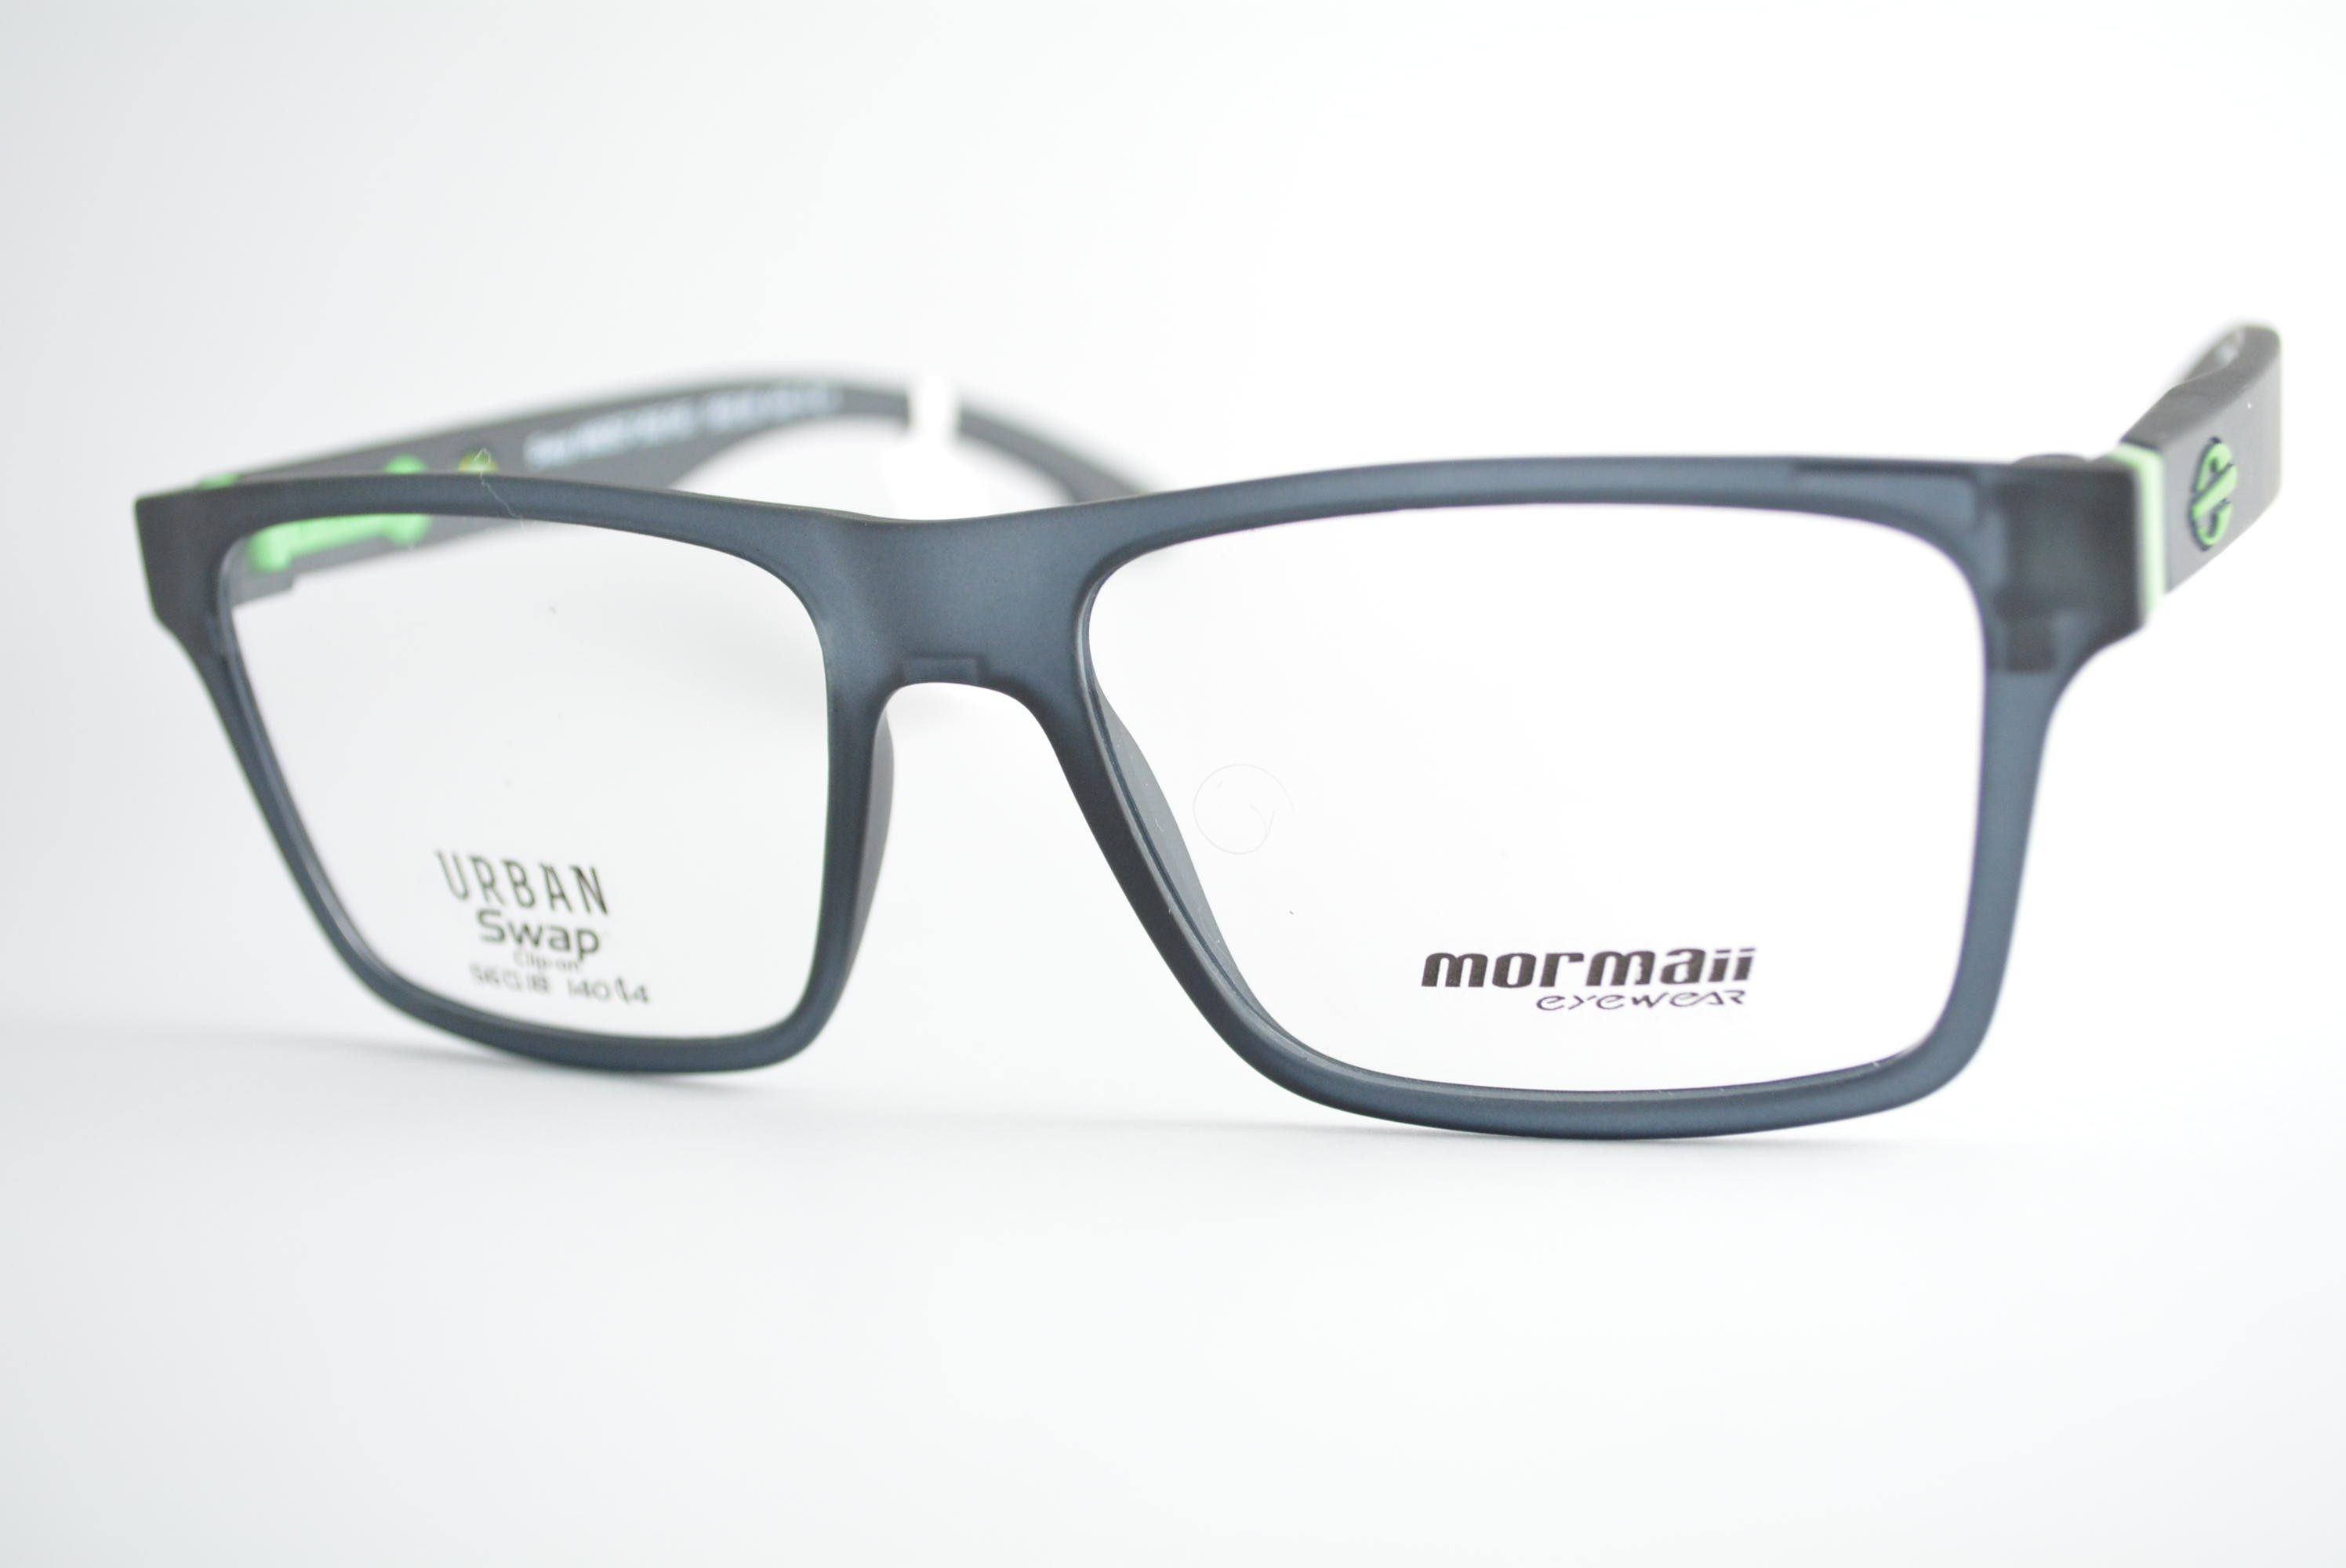 ef77d0d2b armação de óculos Mormaii mod Swap m6057 d63 clip on Ótica Cardoso